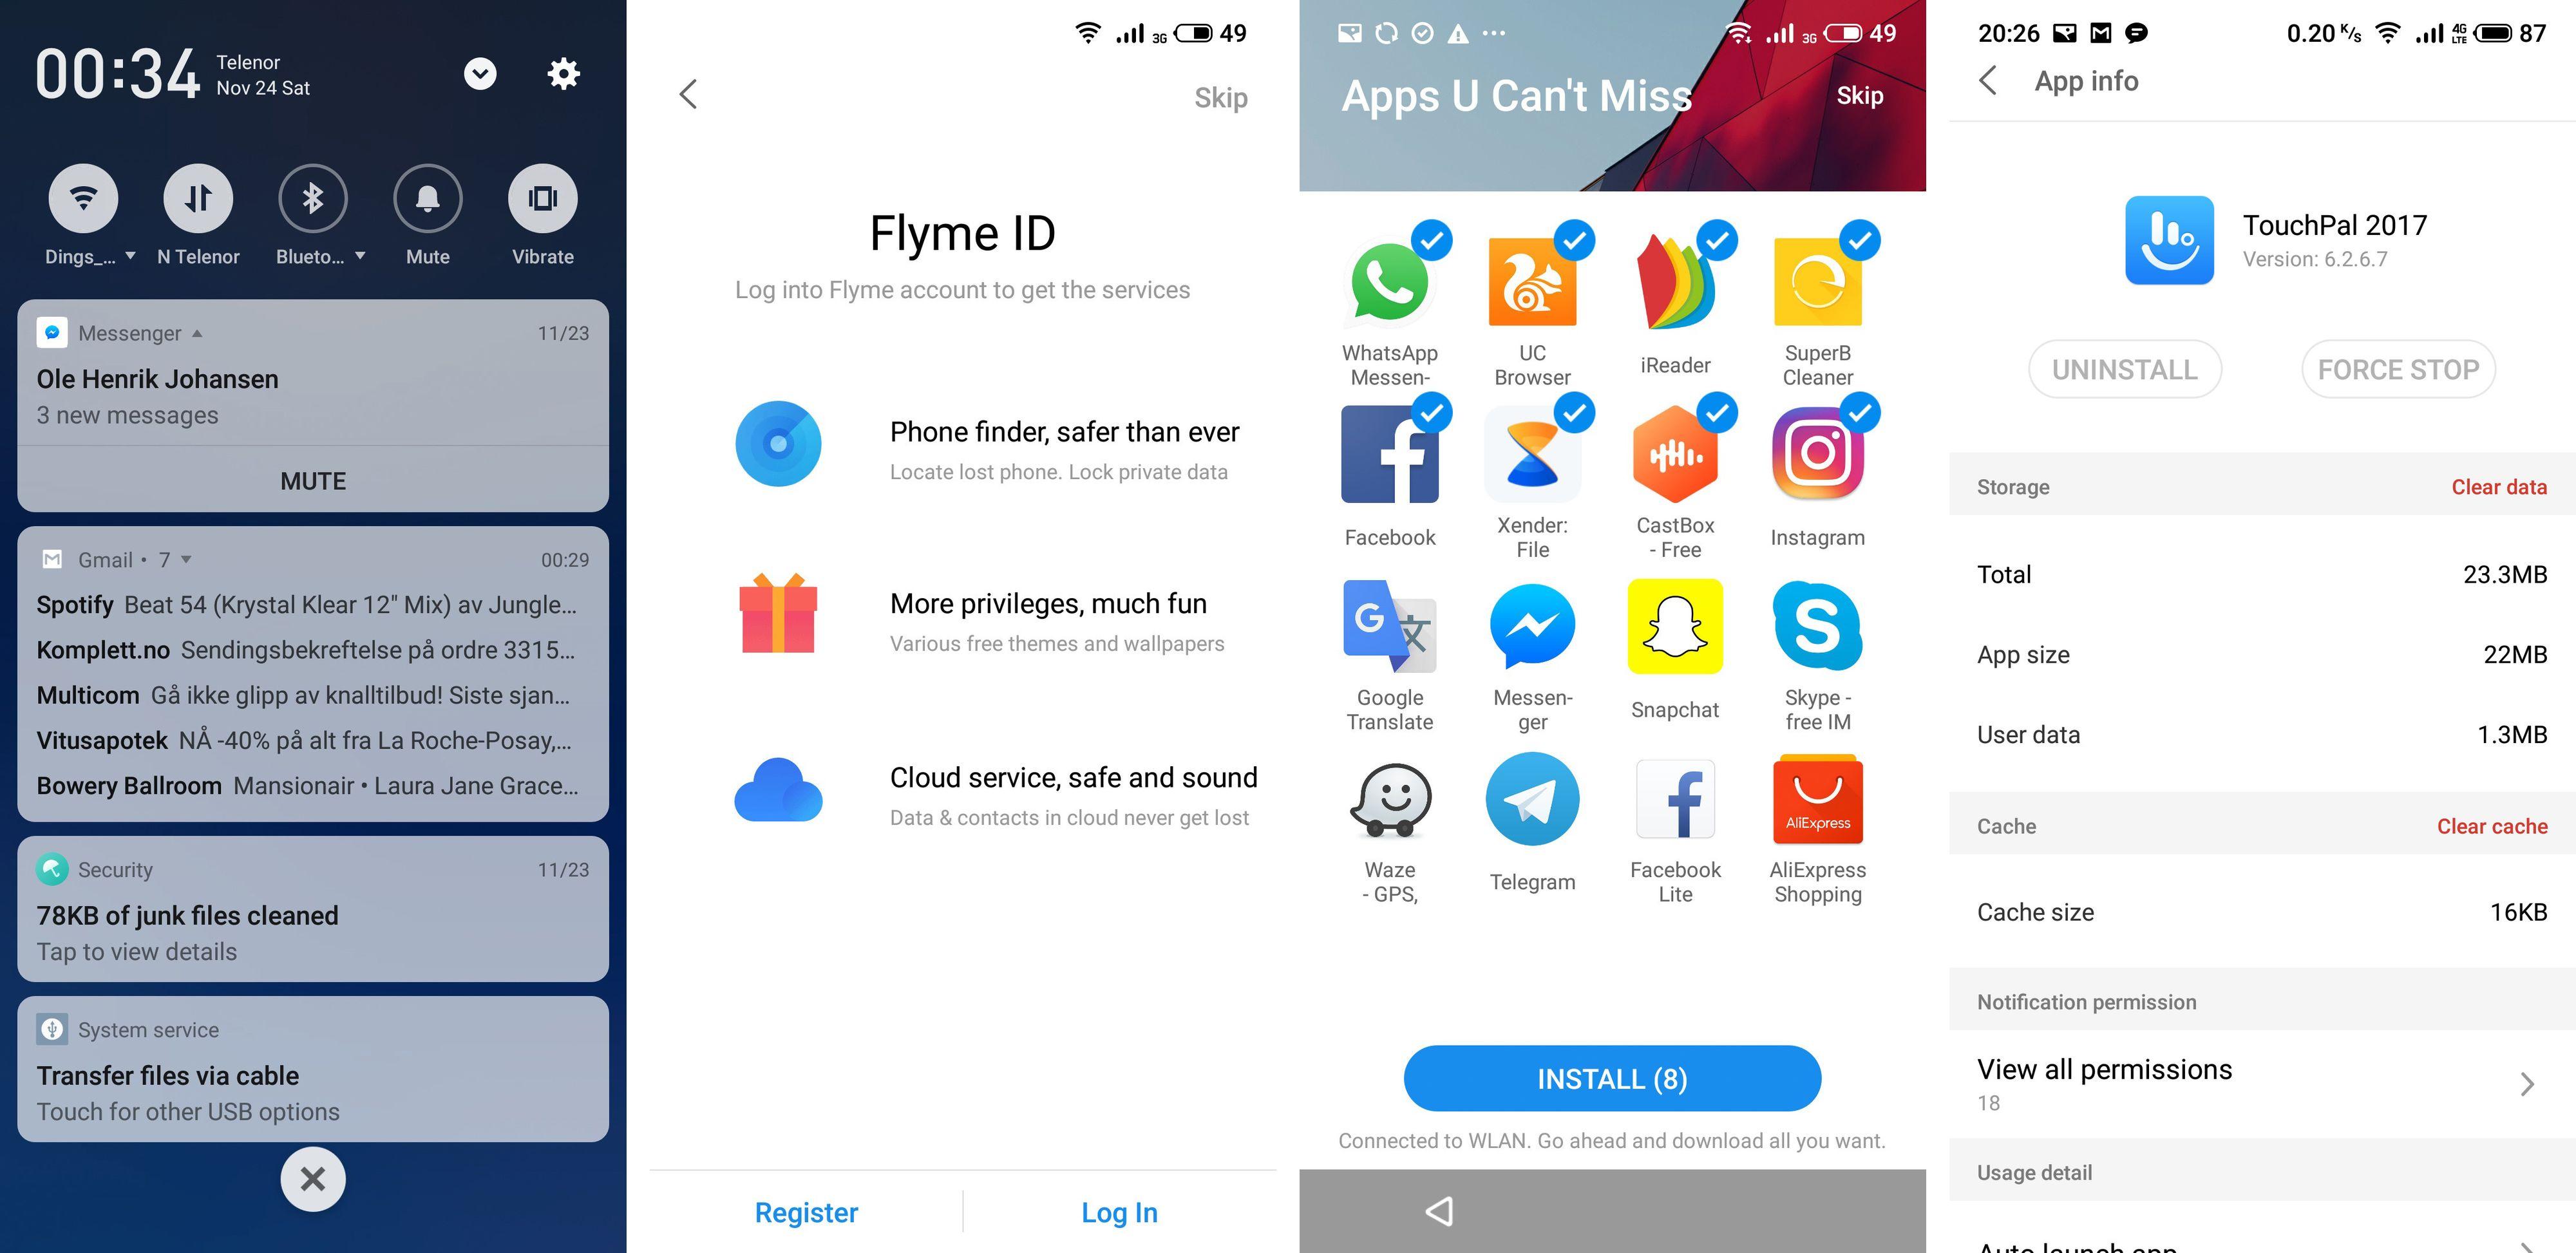 Flyme er Meizus Android-menyer, og de er litt annerledes enn Googles egne. Spesielt med tanke på at du ikke har noen appskuff bak hjemmeskjermene dine. Pluss i boka for at du får velge om du vil ha flesteparten av ekstraappene som tilbys. Mens vi rynker pannen over at det funksjonsforvokste og masete tastaturet Touch Pal ikke er valgfritt.